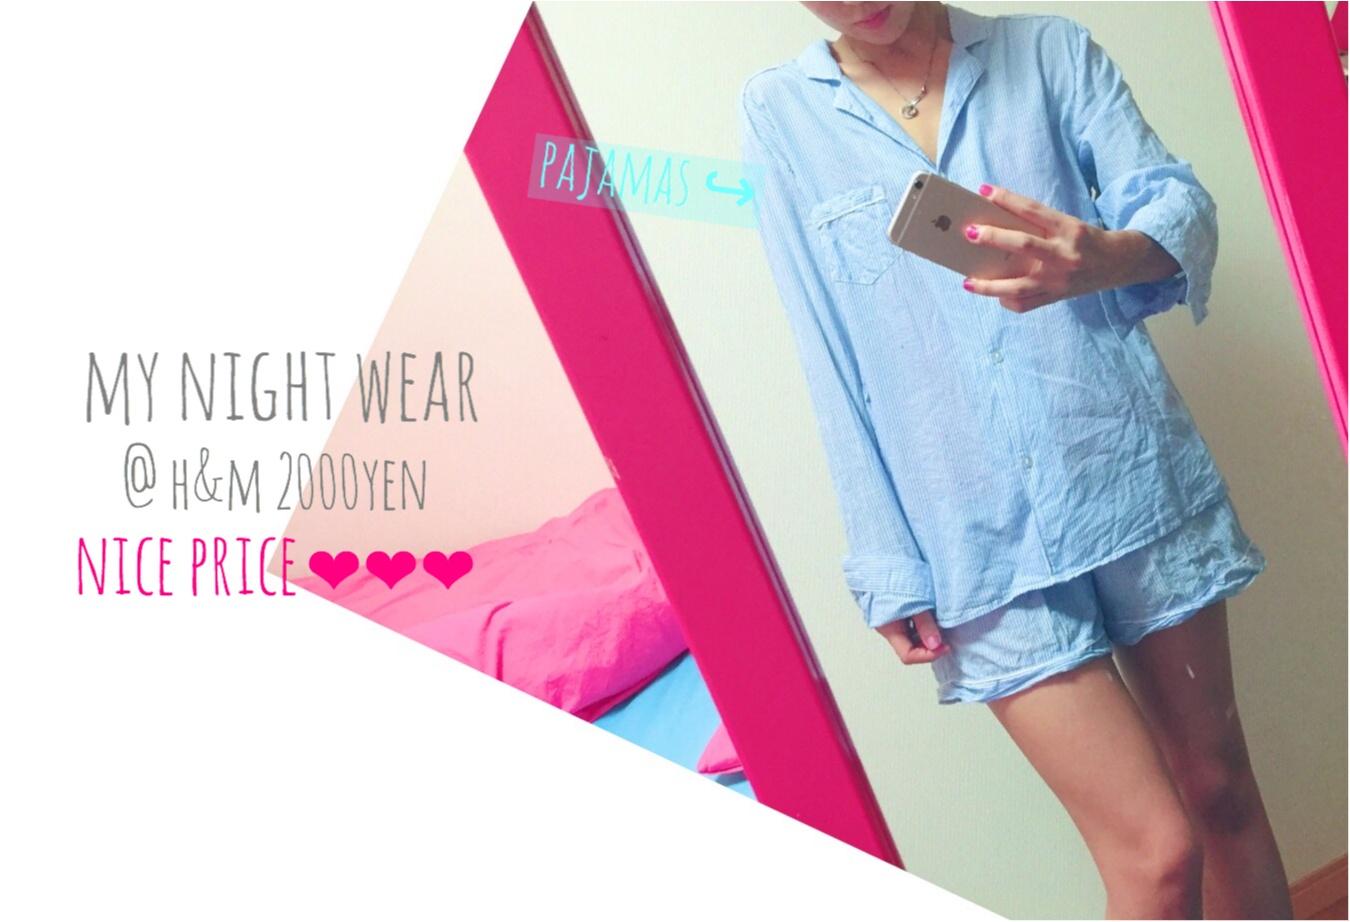 【Fashion】ホントの女子力はお部屋にあり!H&Mでみつけたコスパ◎パジャマが可愛すぎる♡_2